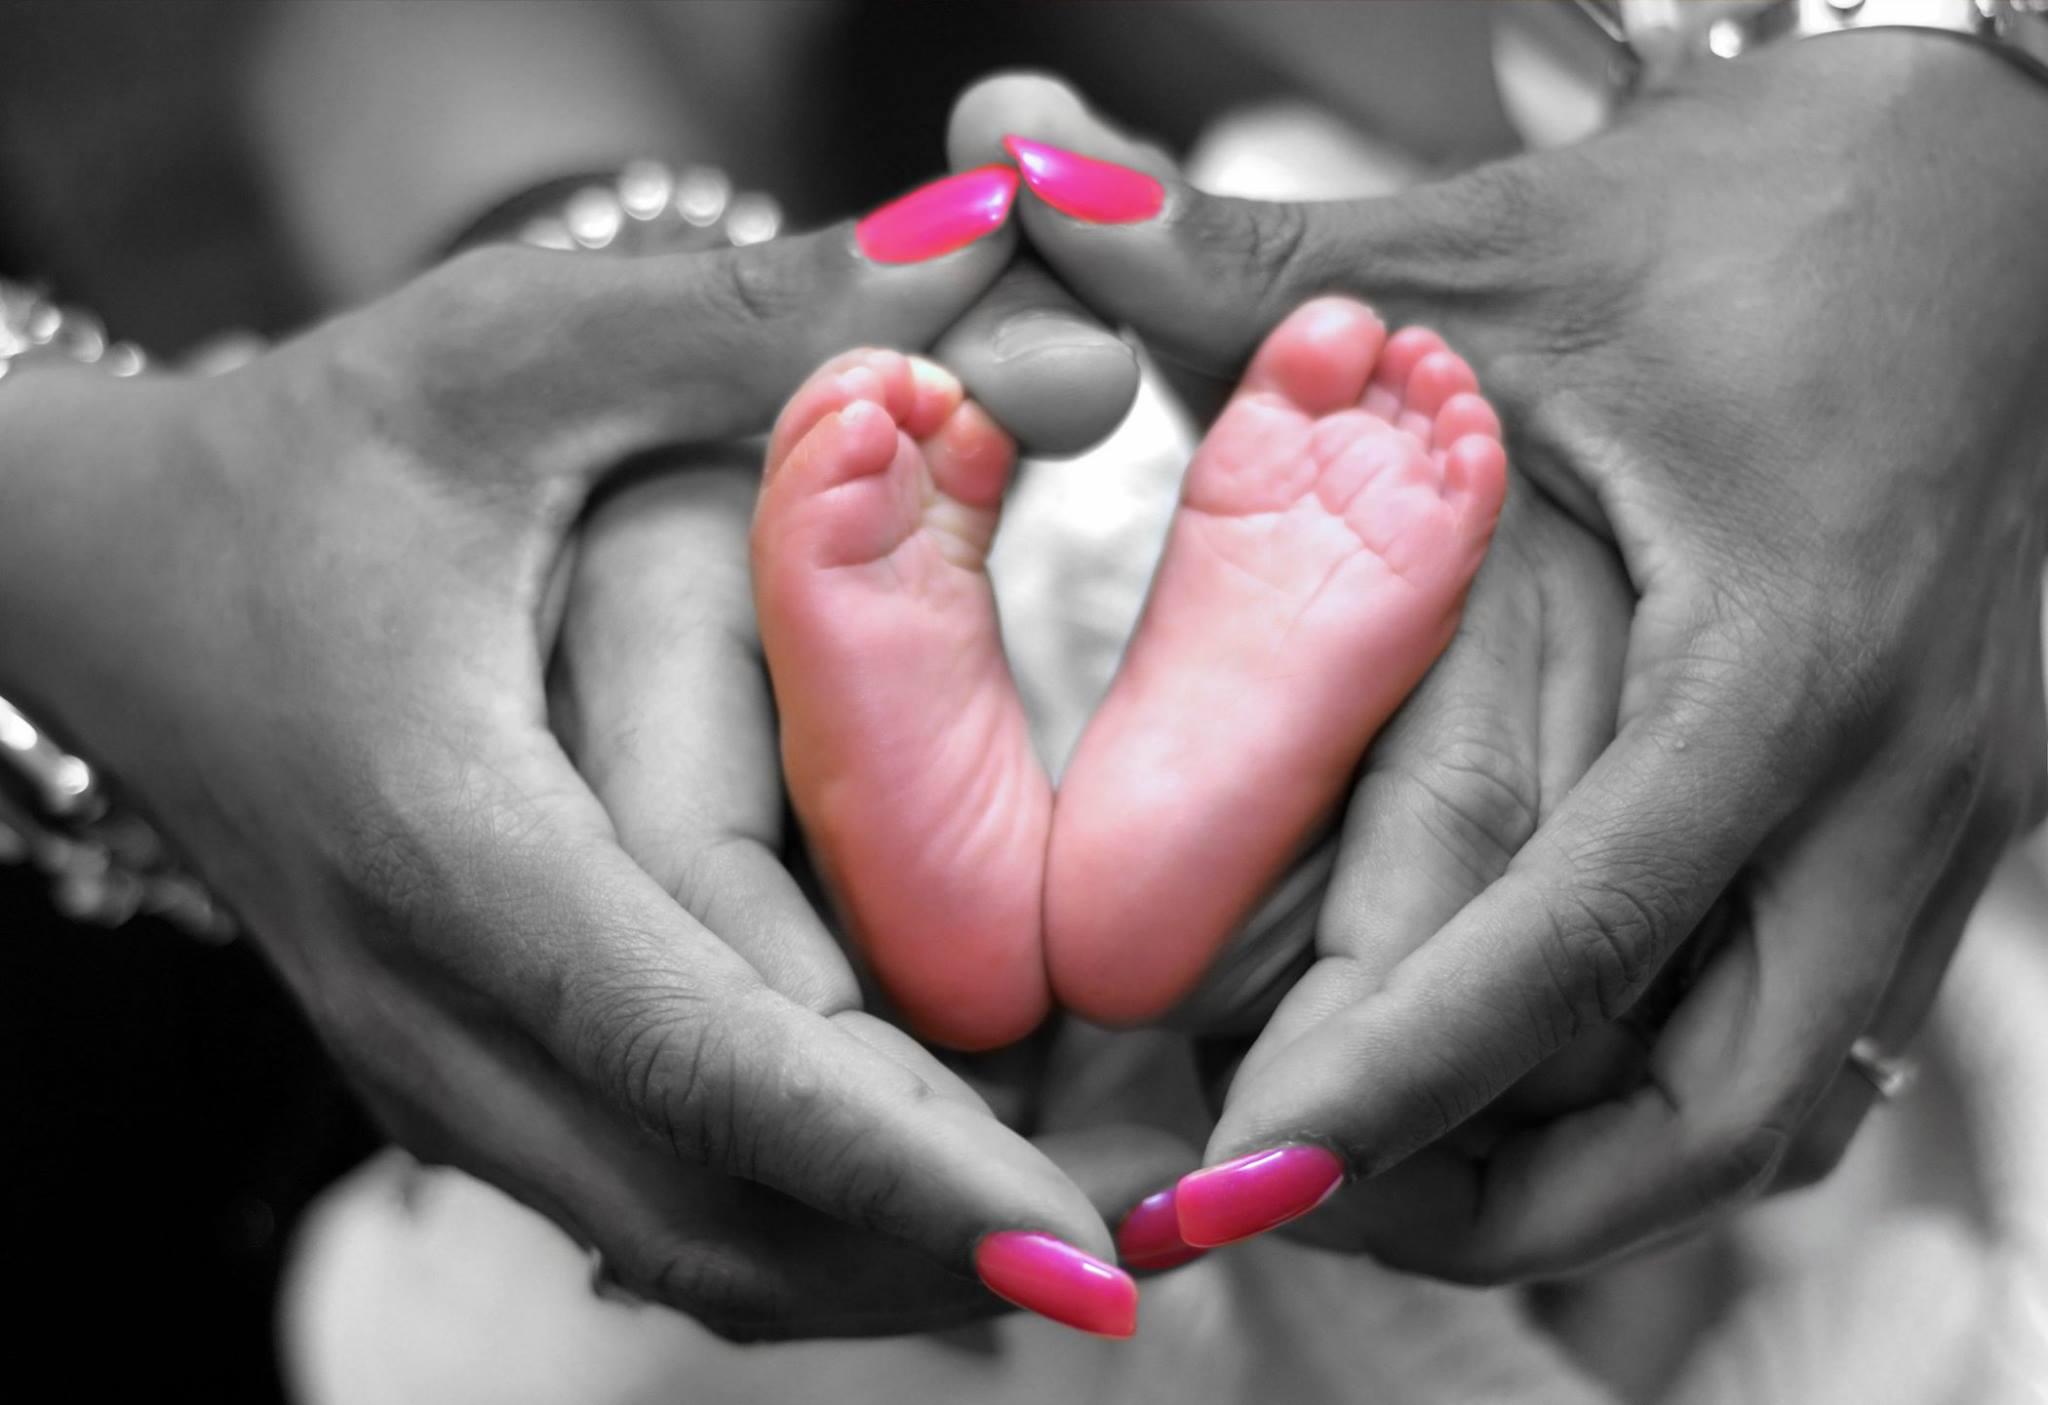 infant hands